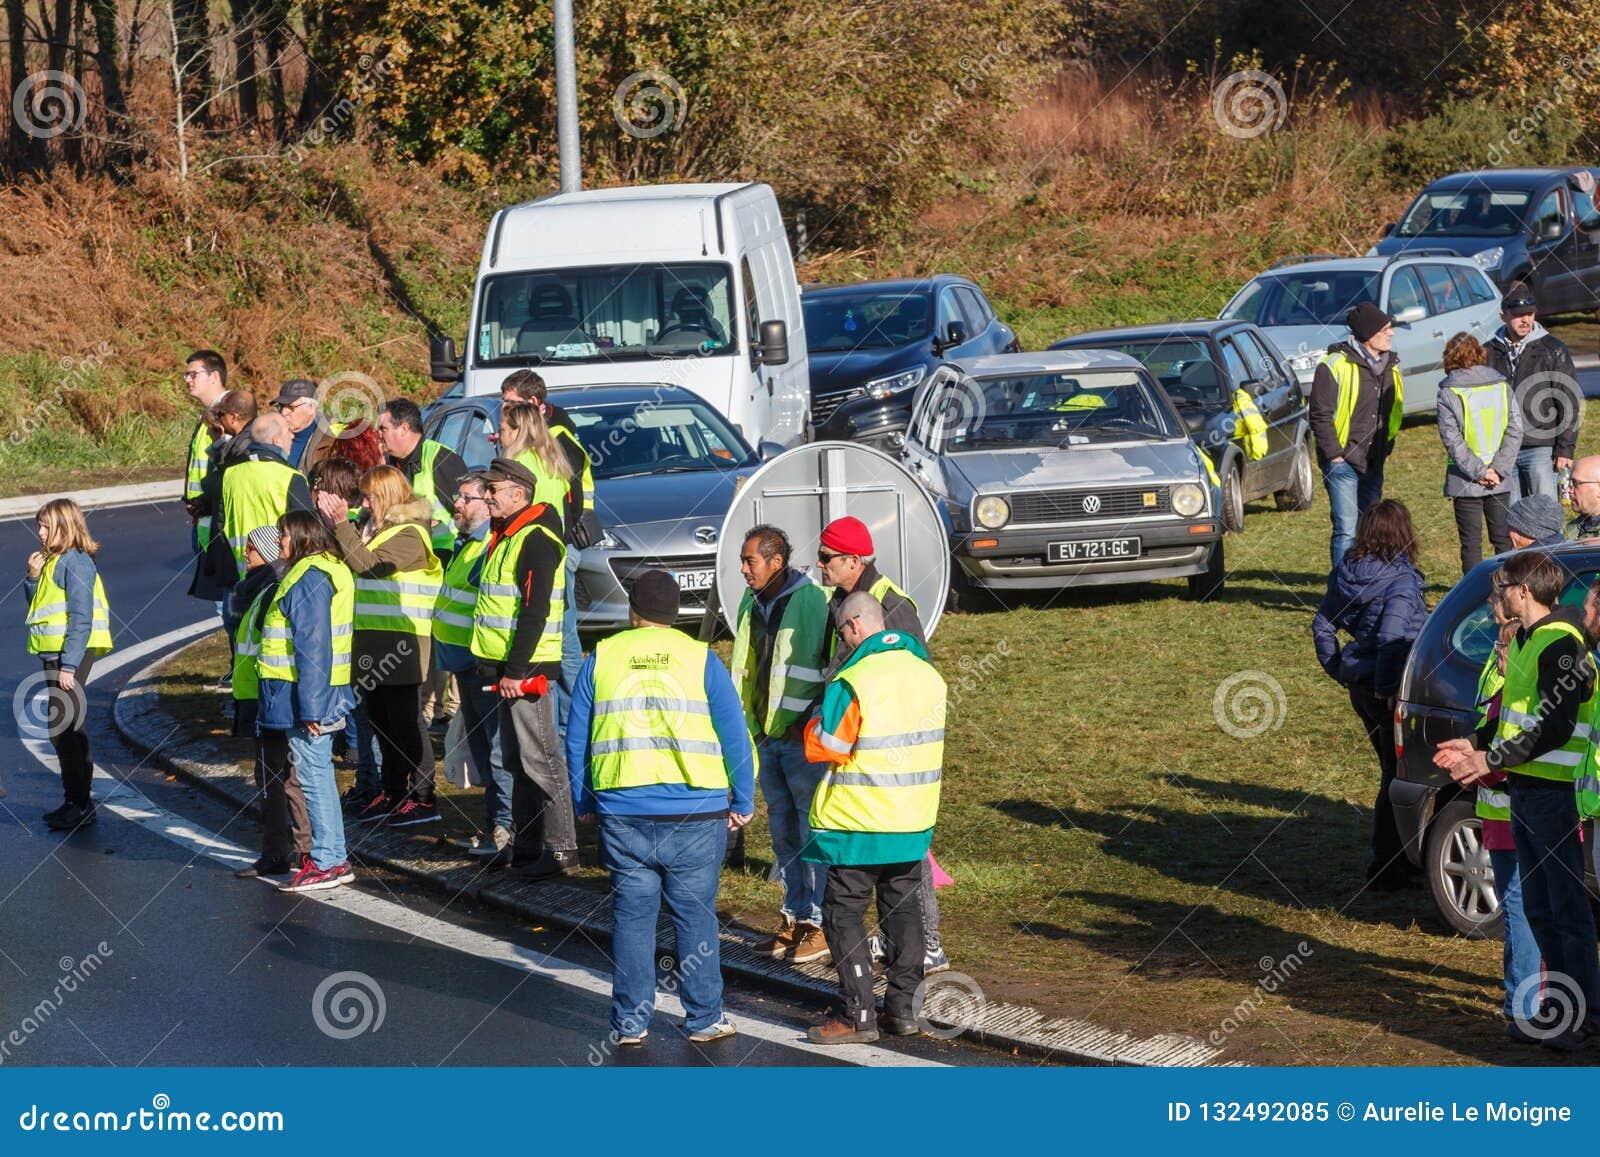 Guipavas, Francia - 24 novembre 2018: I dimostratori hanno chiamato le maglie gialle